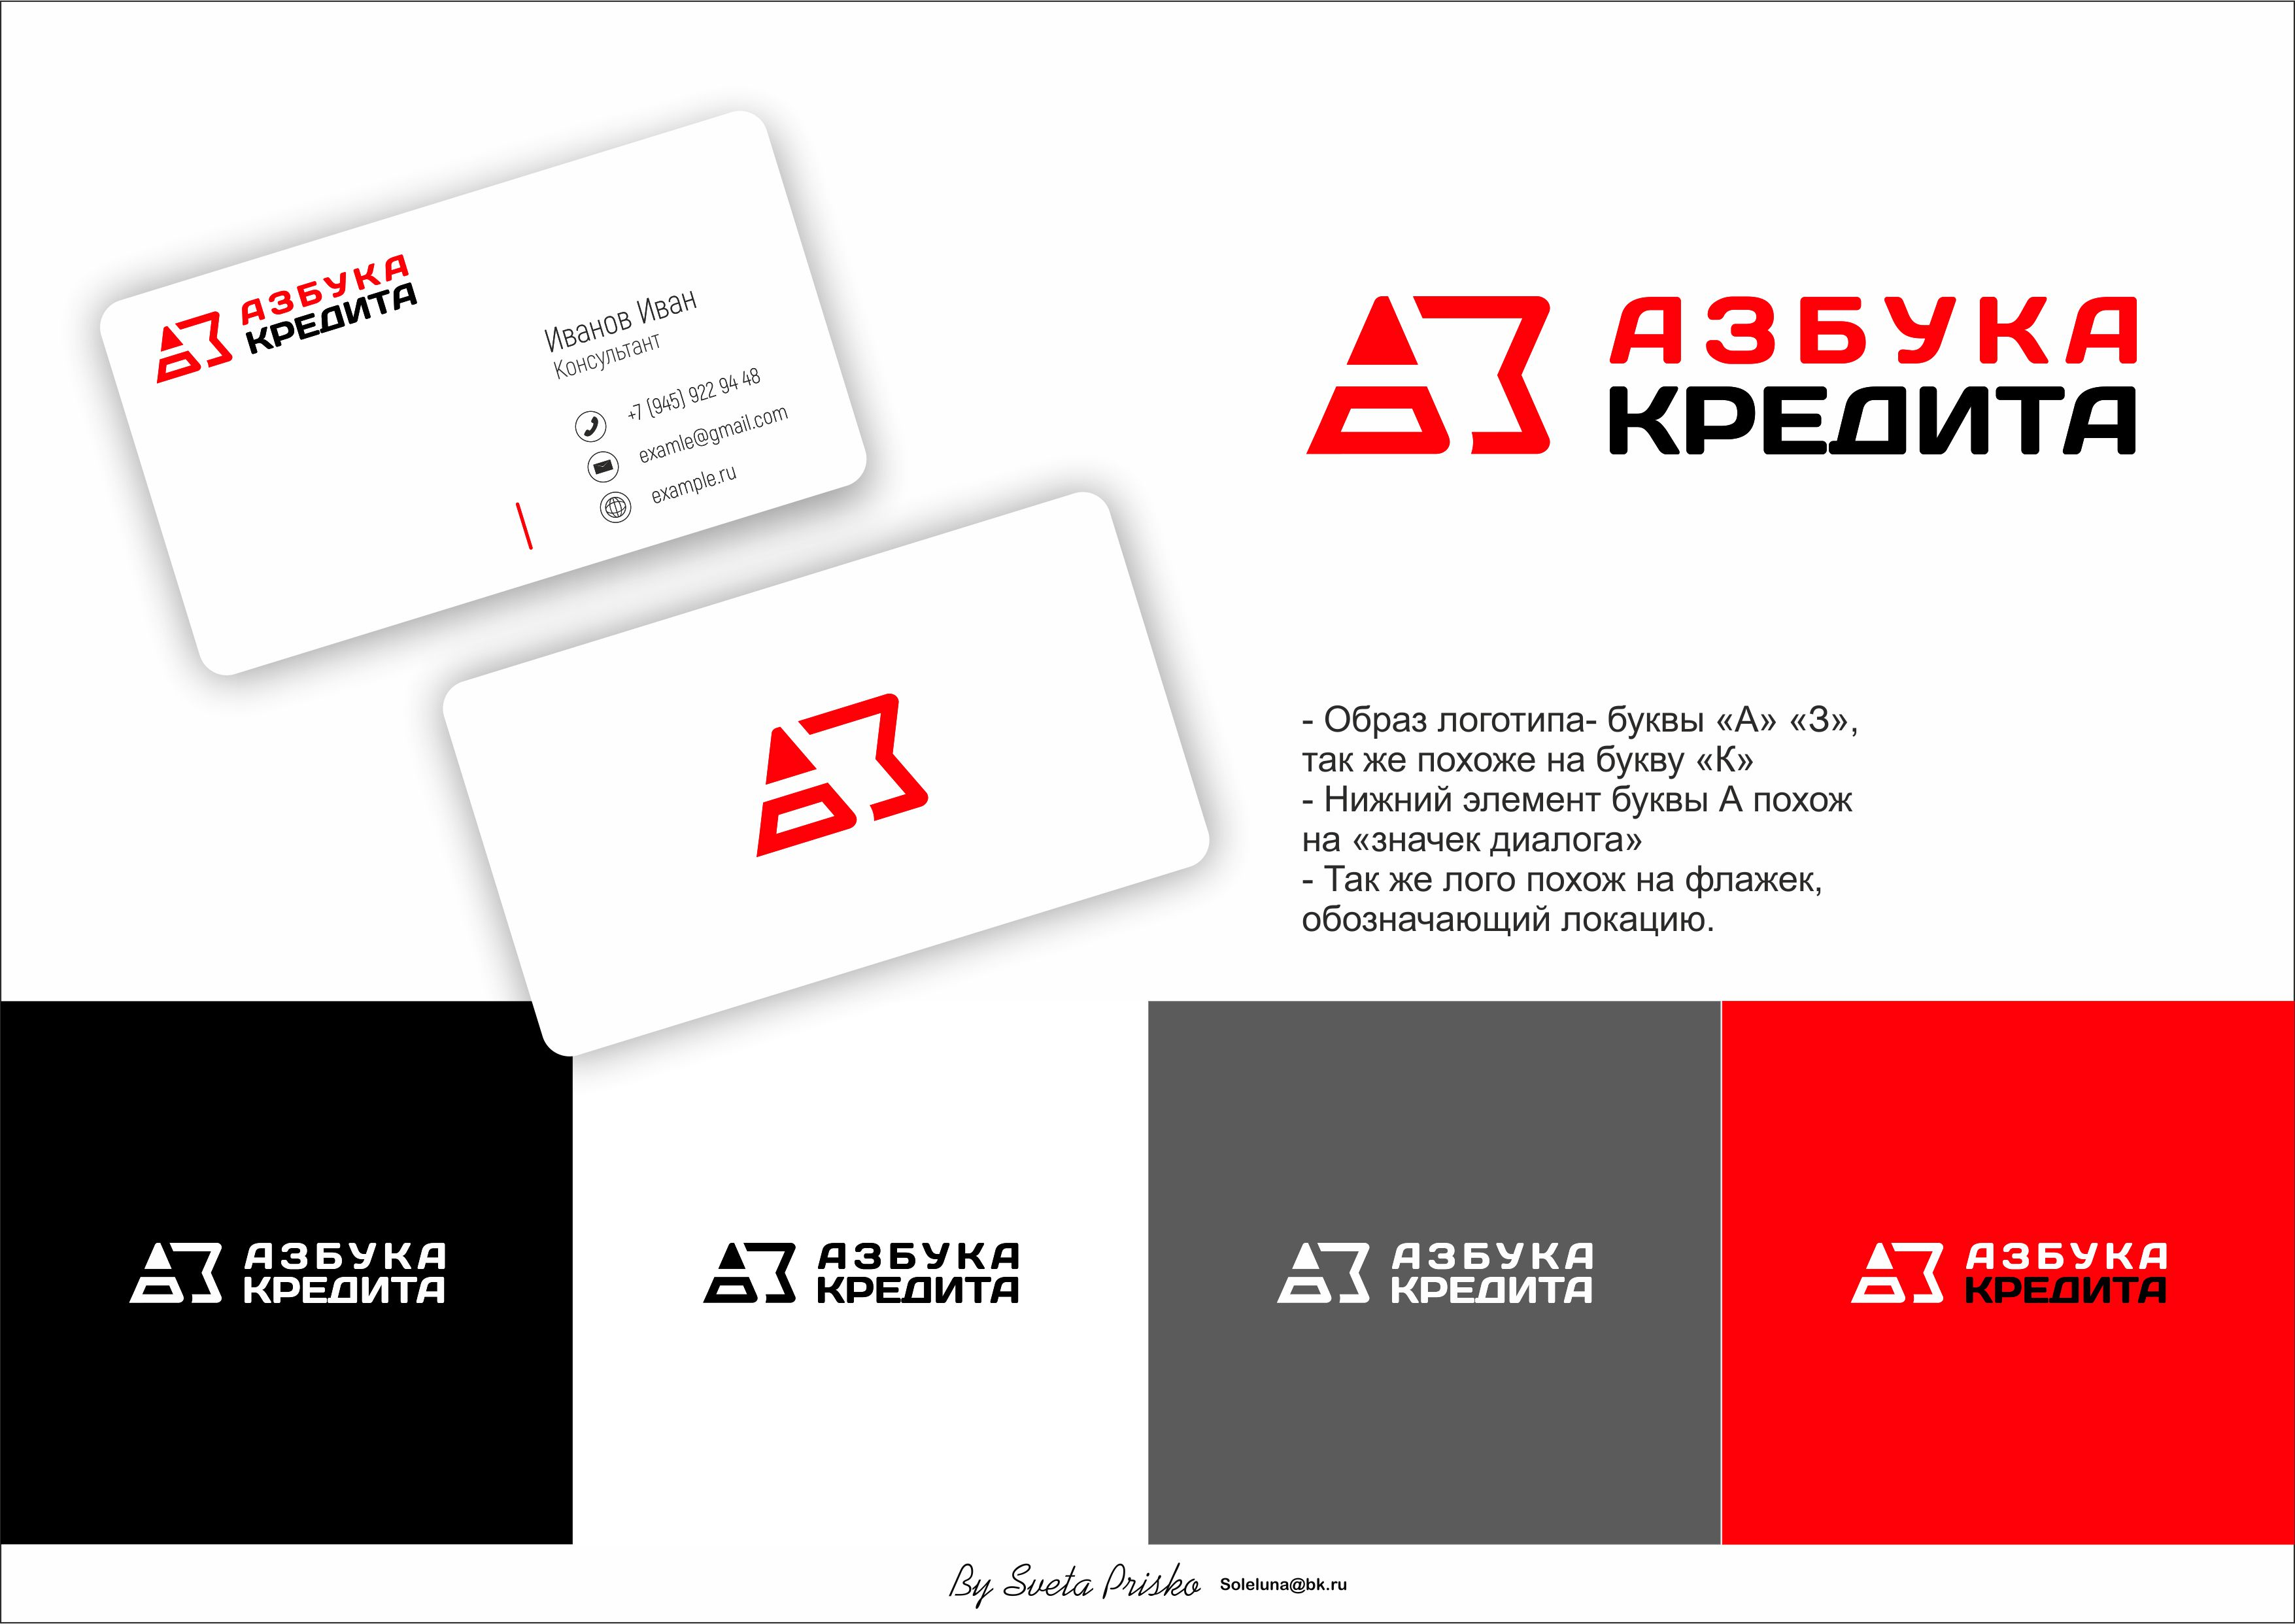 Разработать логотип для финансовой компании фото f_0565deff2189c067.jpg